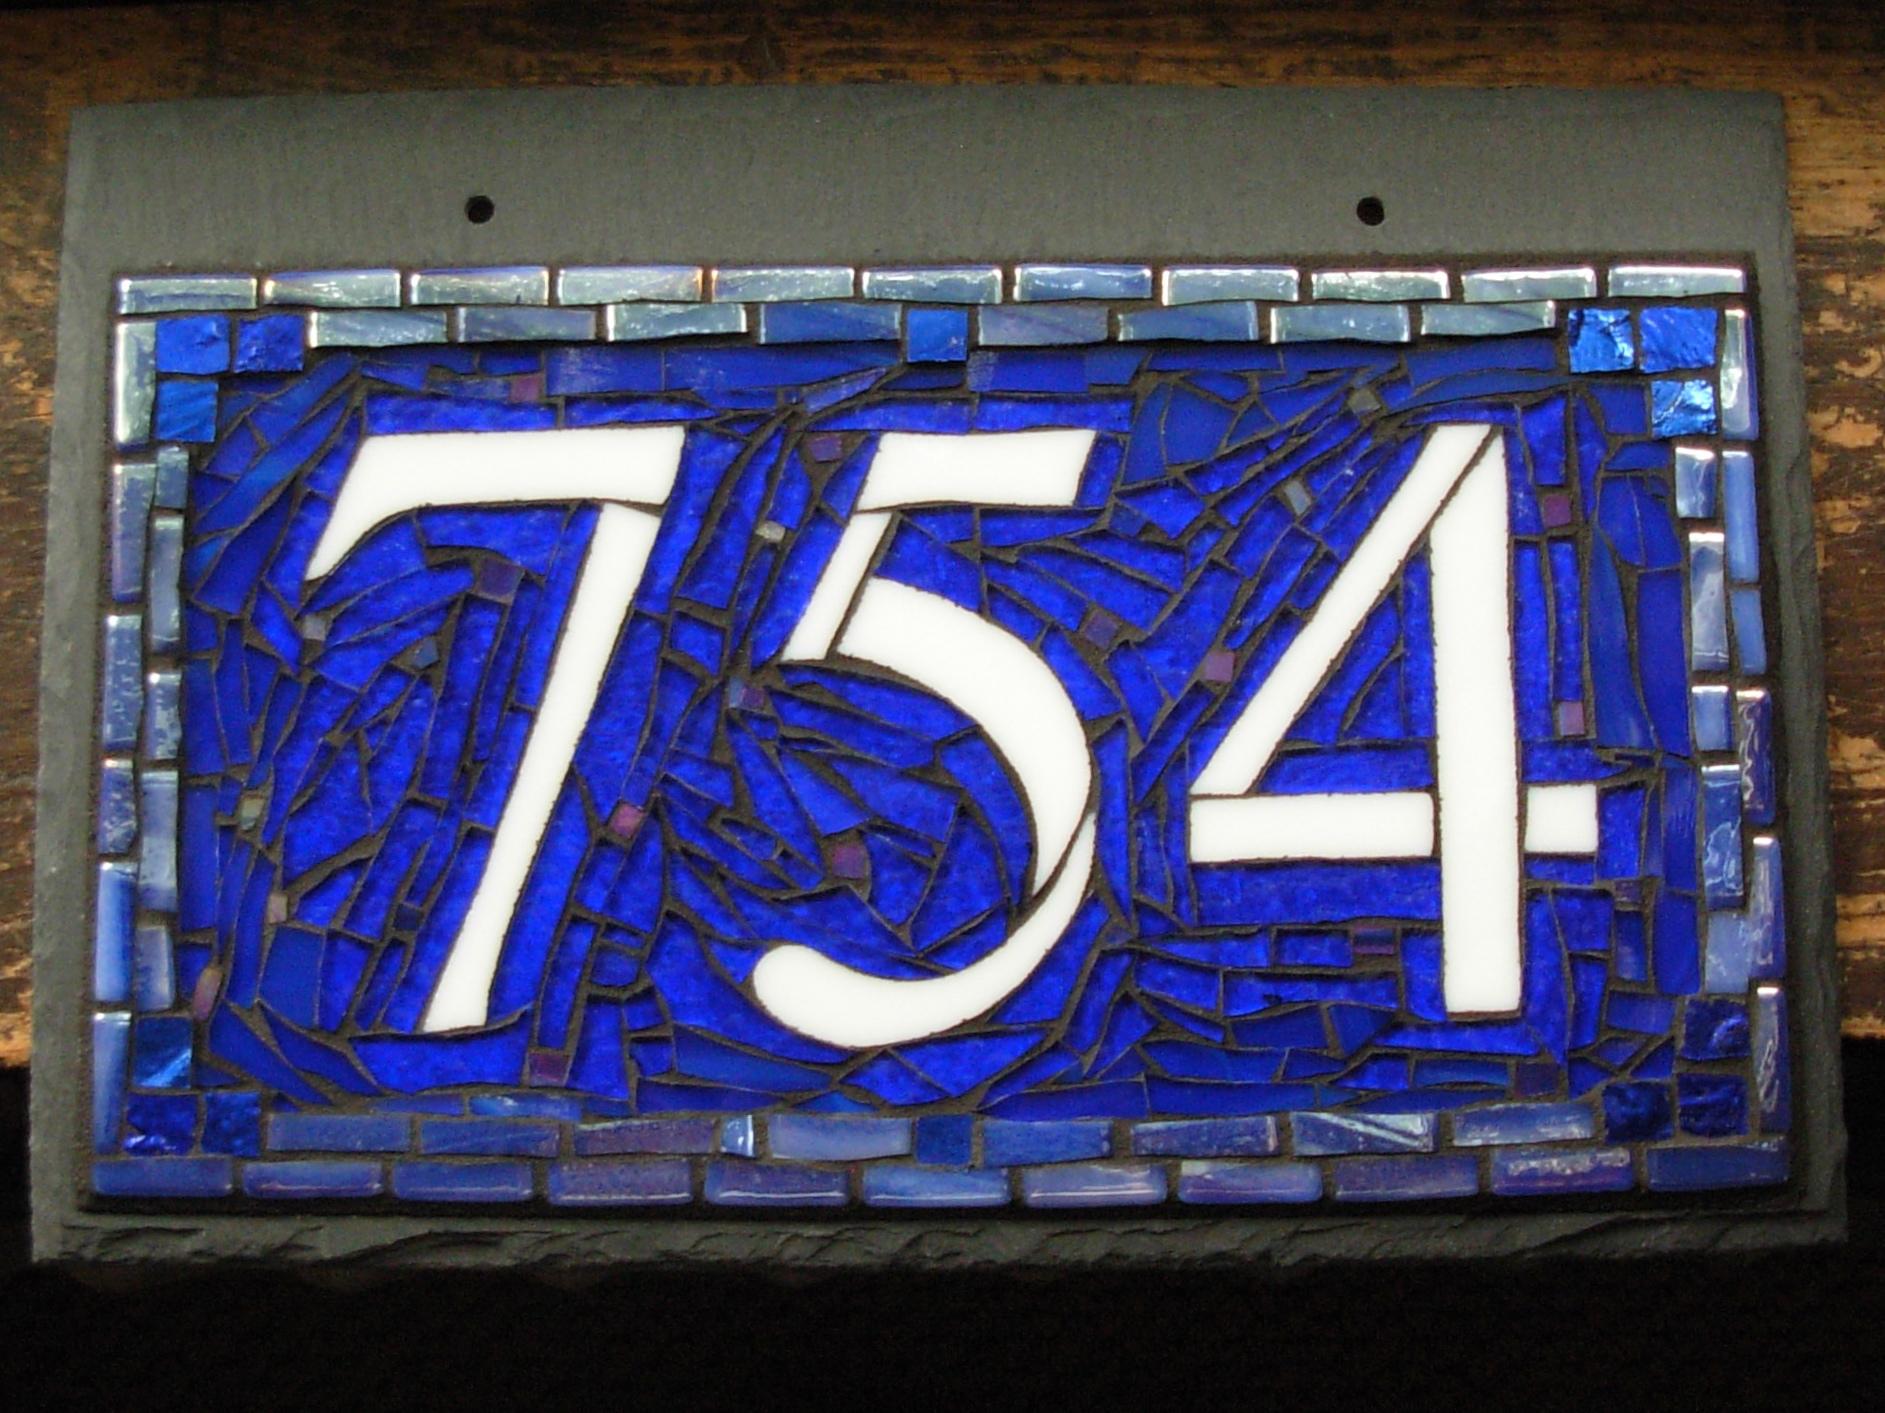 3 Digit Nutmeg Designs House Number in Aegean Colorway